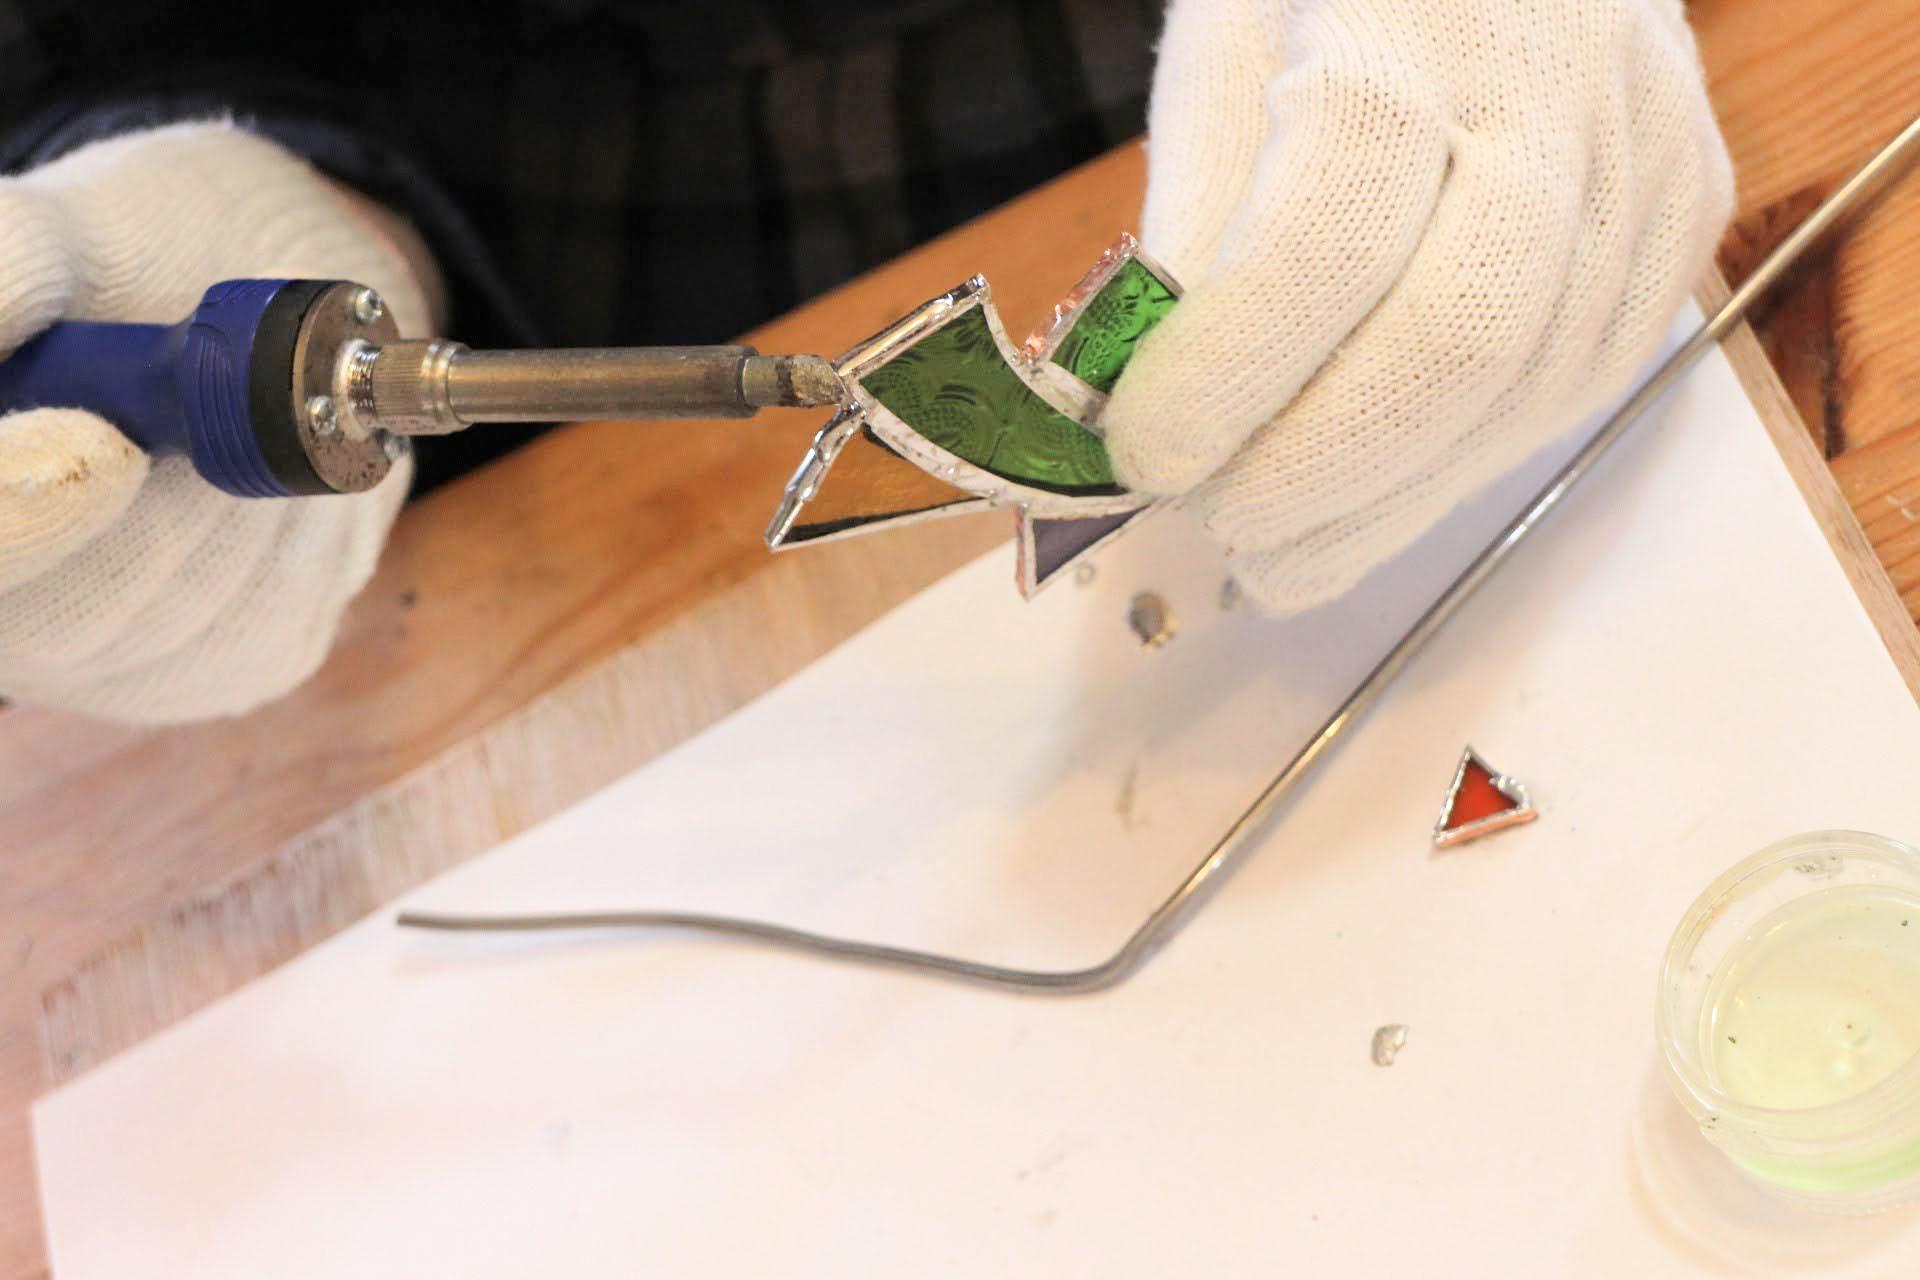 はんだごてではんだ棒を溶かし、銅テープの上にのせてくっつけていきます